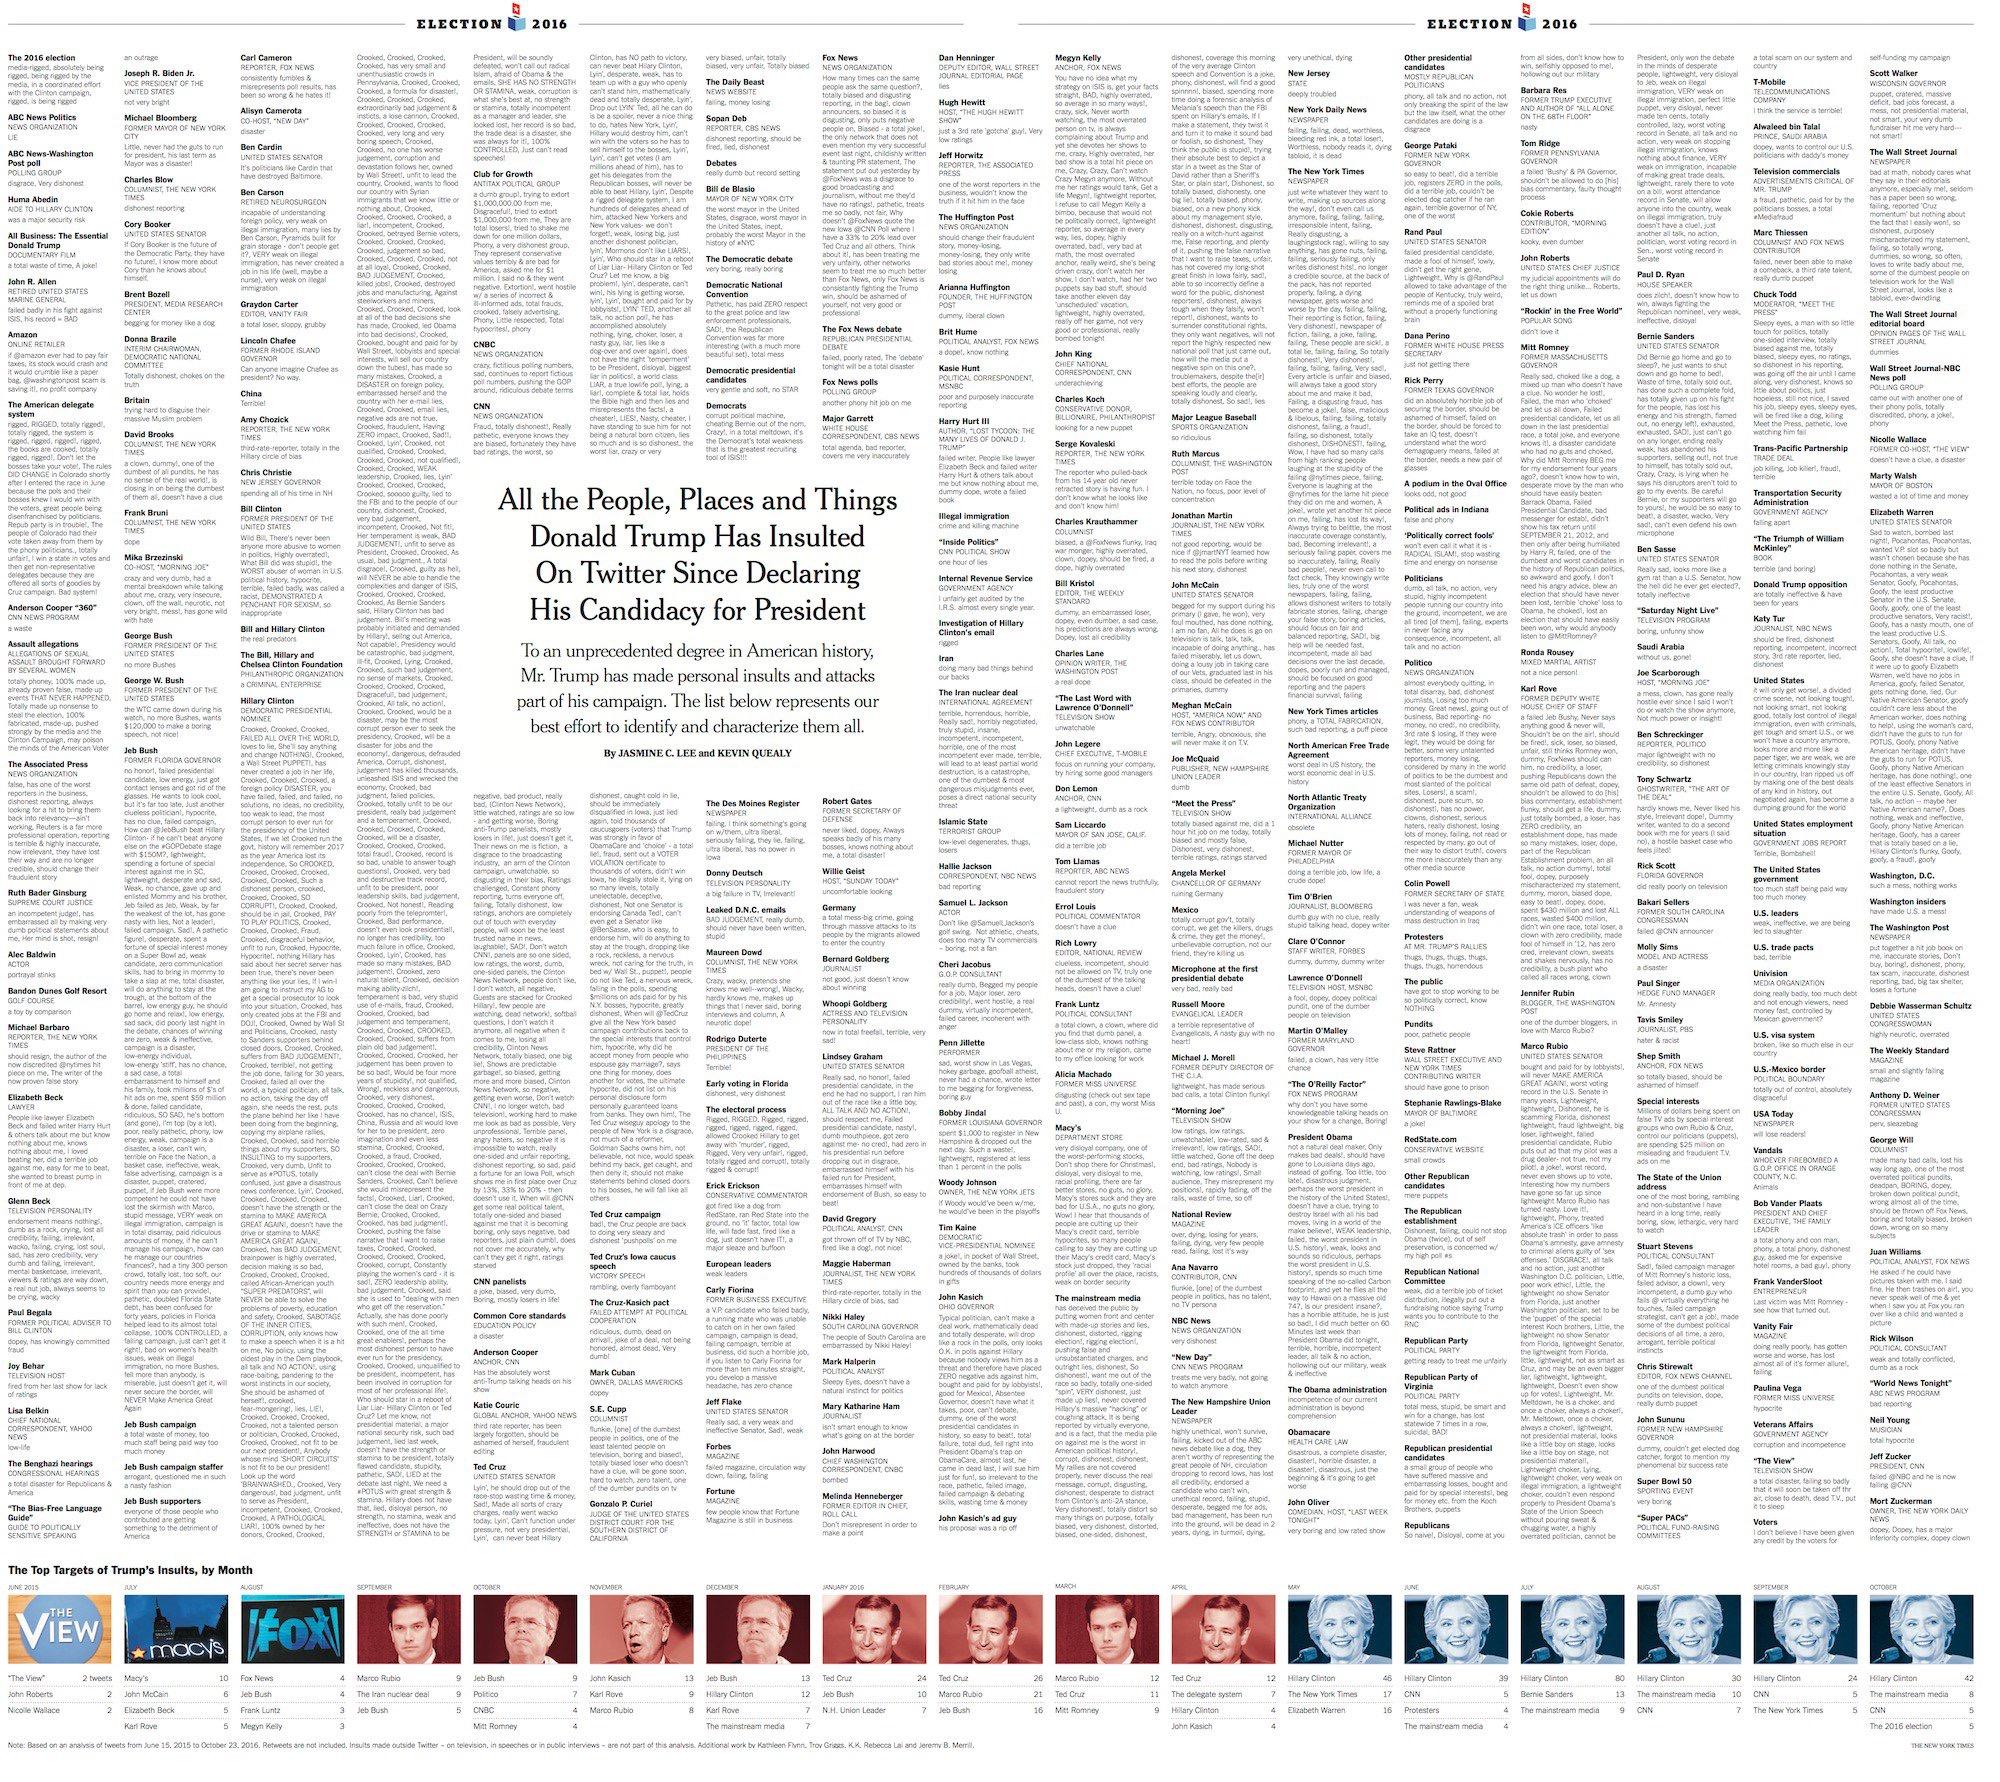 Gli insulti di Trump sul NYT